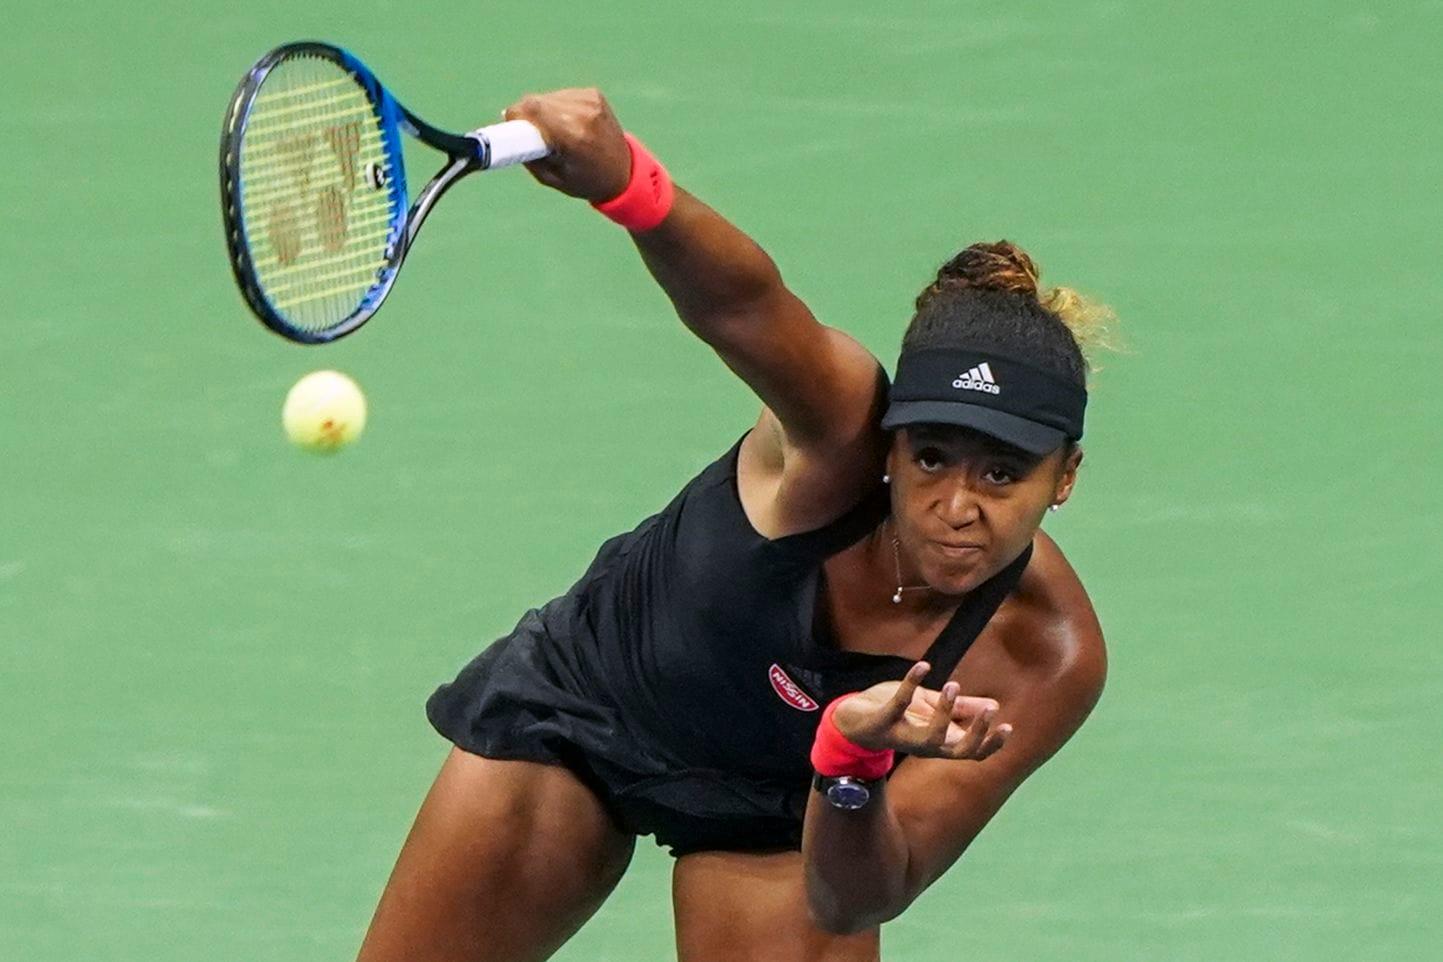 Simona Halep umilită de Adidas. Japoneza Osaka a câştigat US Open  şi Adidas îi oferă contract de 10 milioane euro